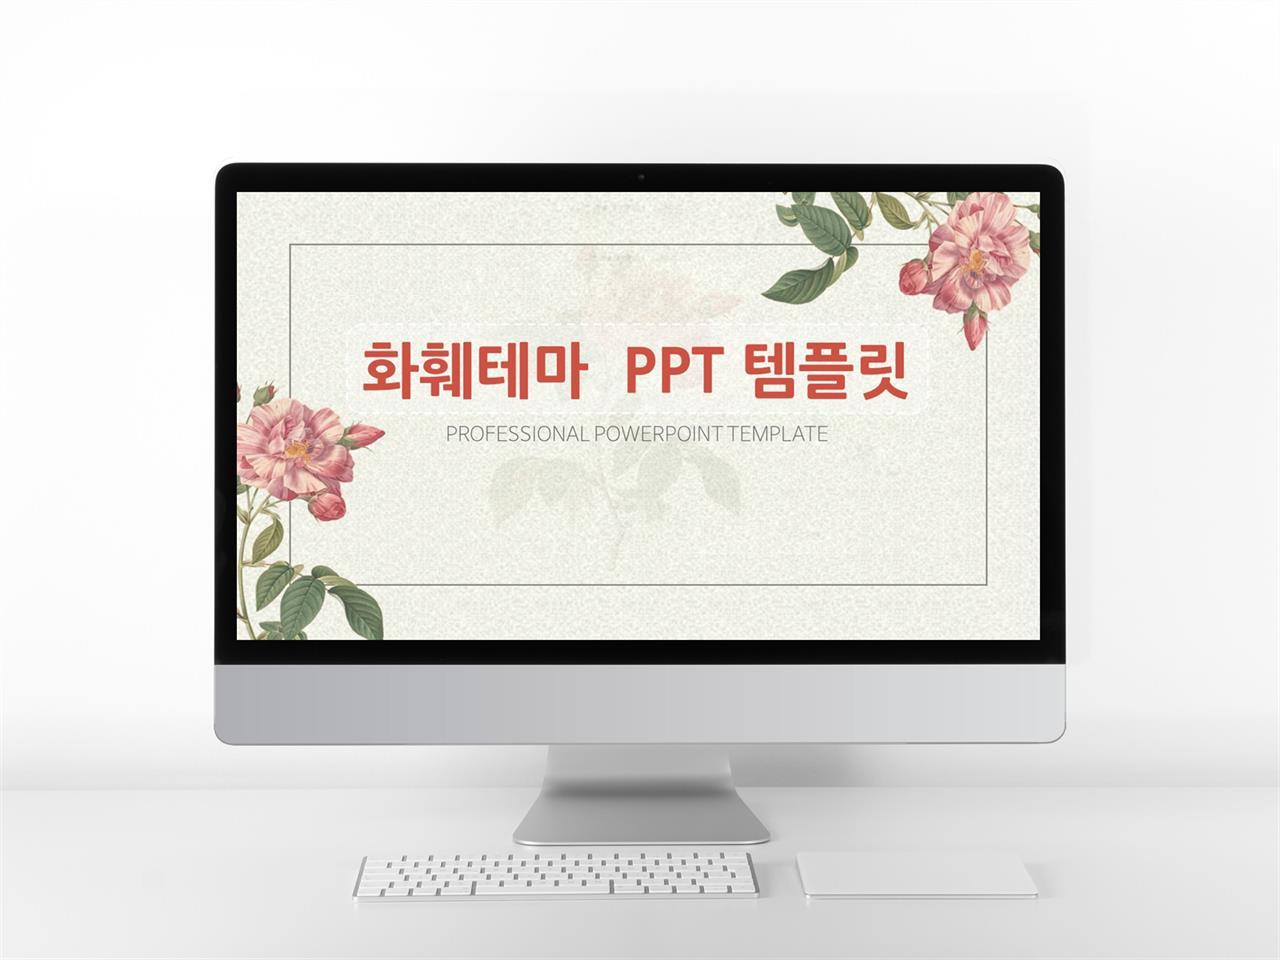 동식물, 애완동물 분홍색 귀여운 멋진 POWERPOINT탬플릿 다운로드 미리보기